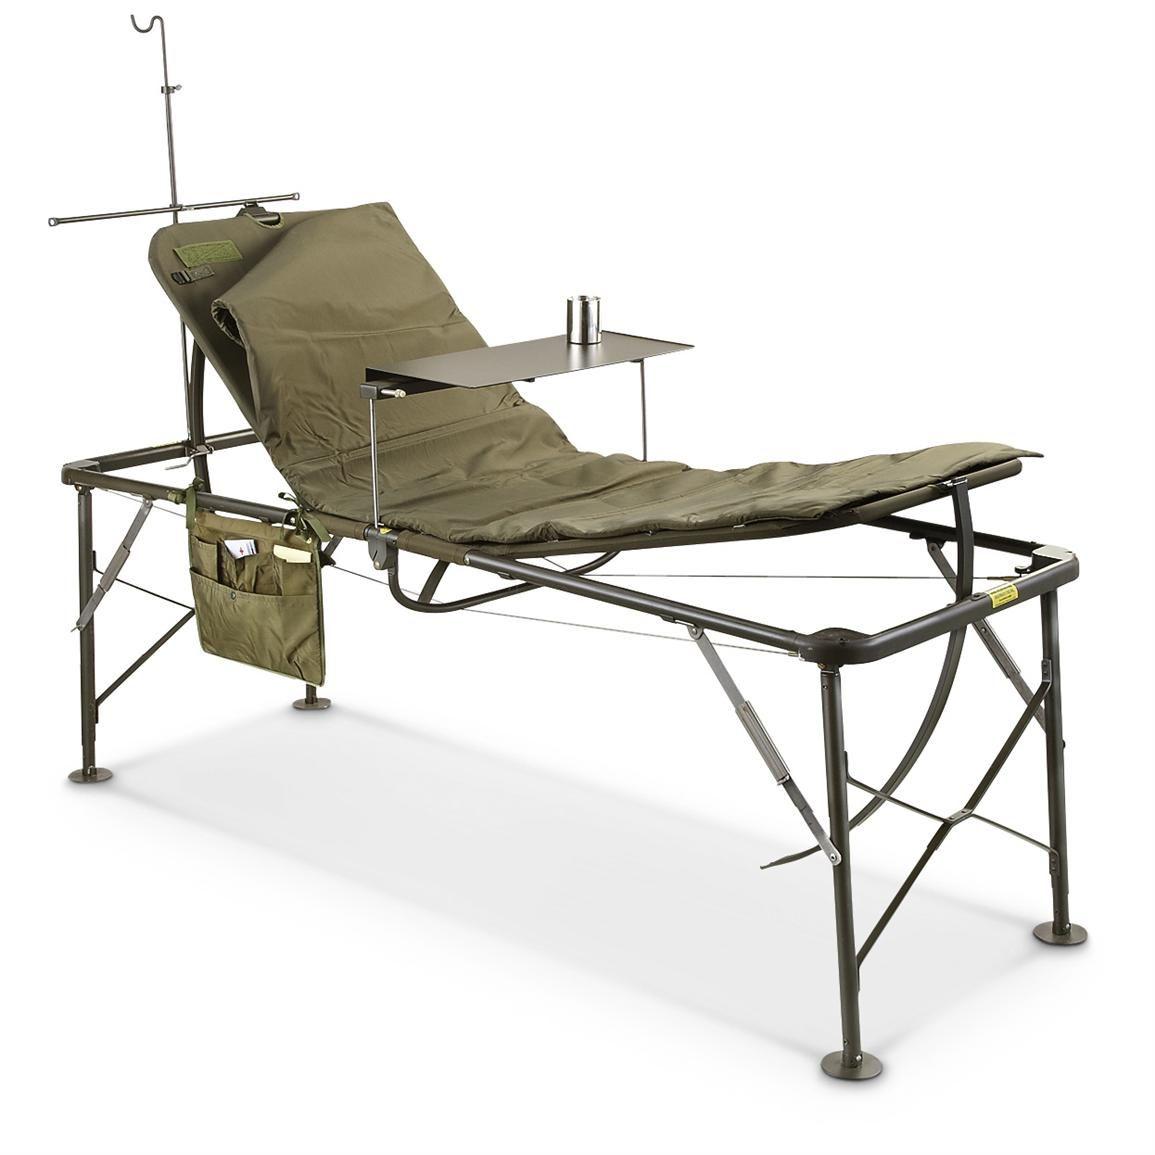 US Military Surplus Foldable Field Hospital Bed / Cot  sc 1 st  Pinterest & US Military Surplus Foldable Field Hospital Bed / Cot | camper van ...